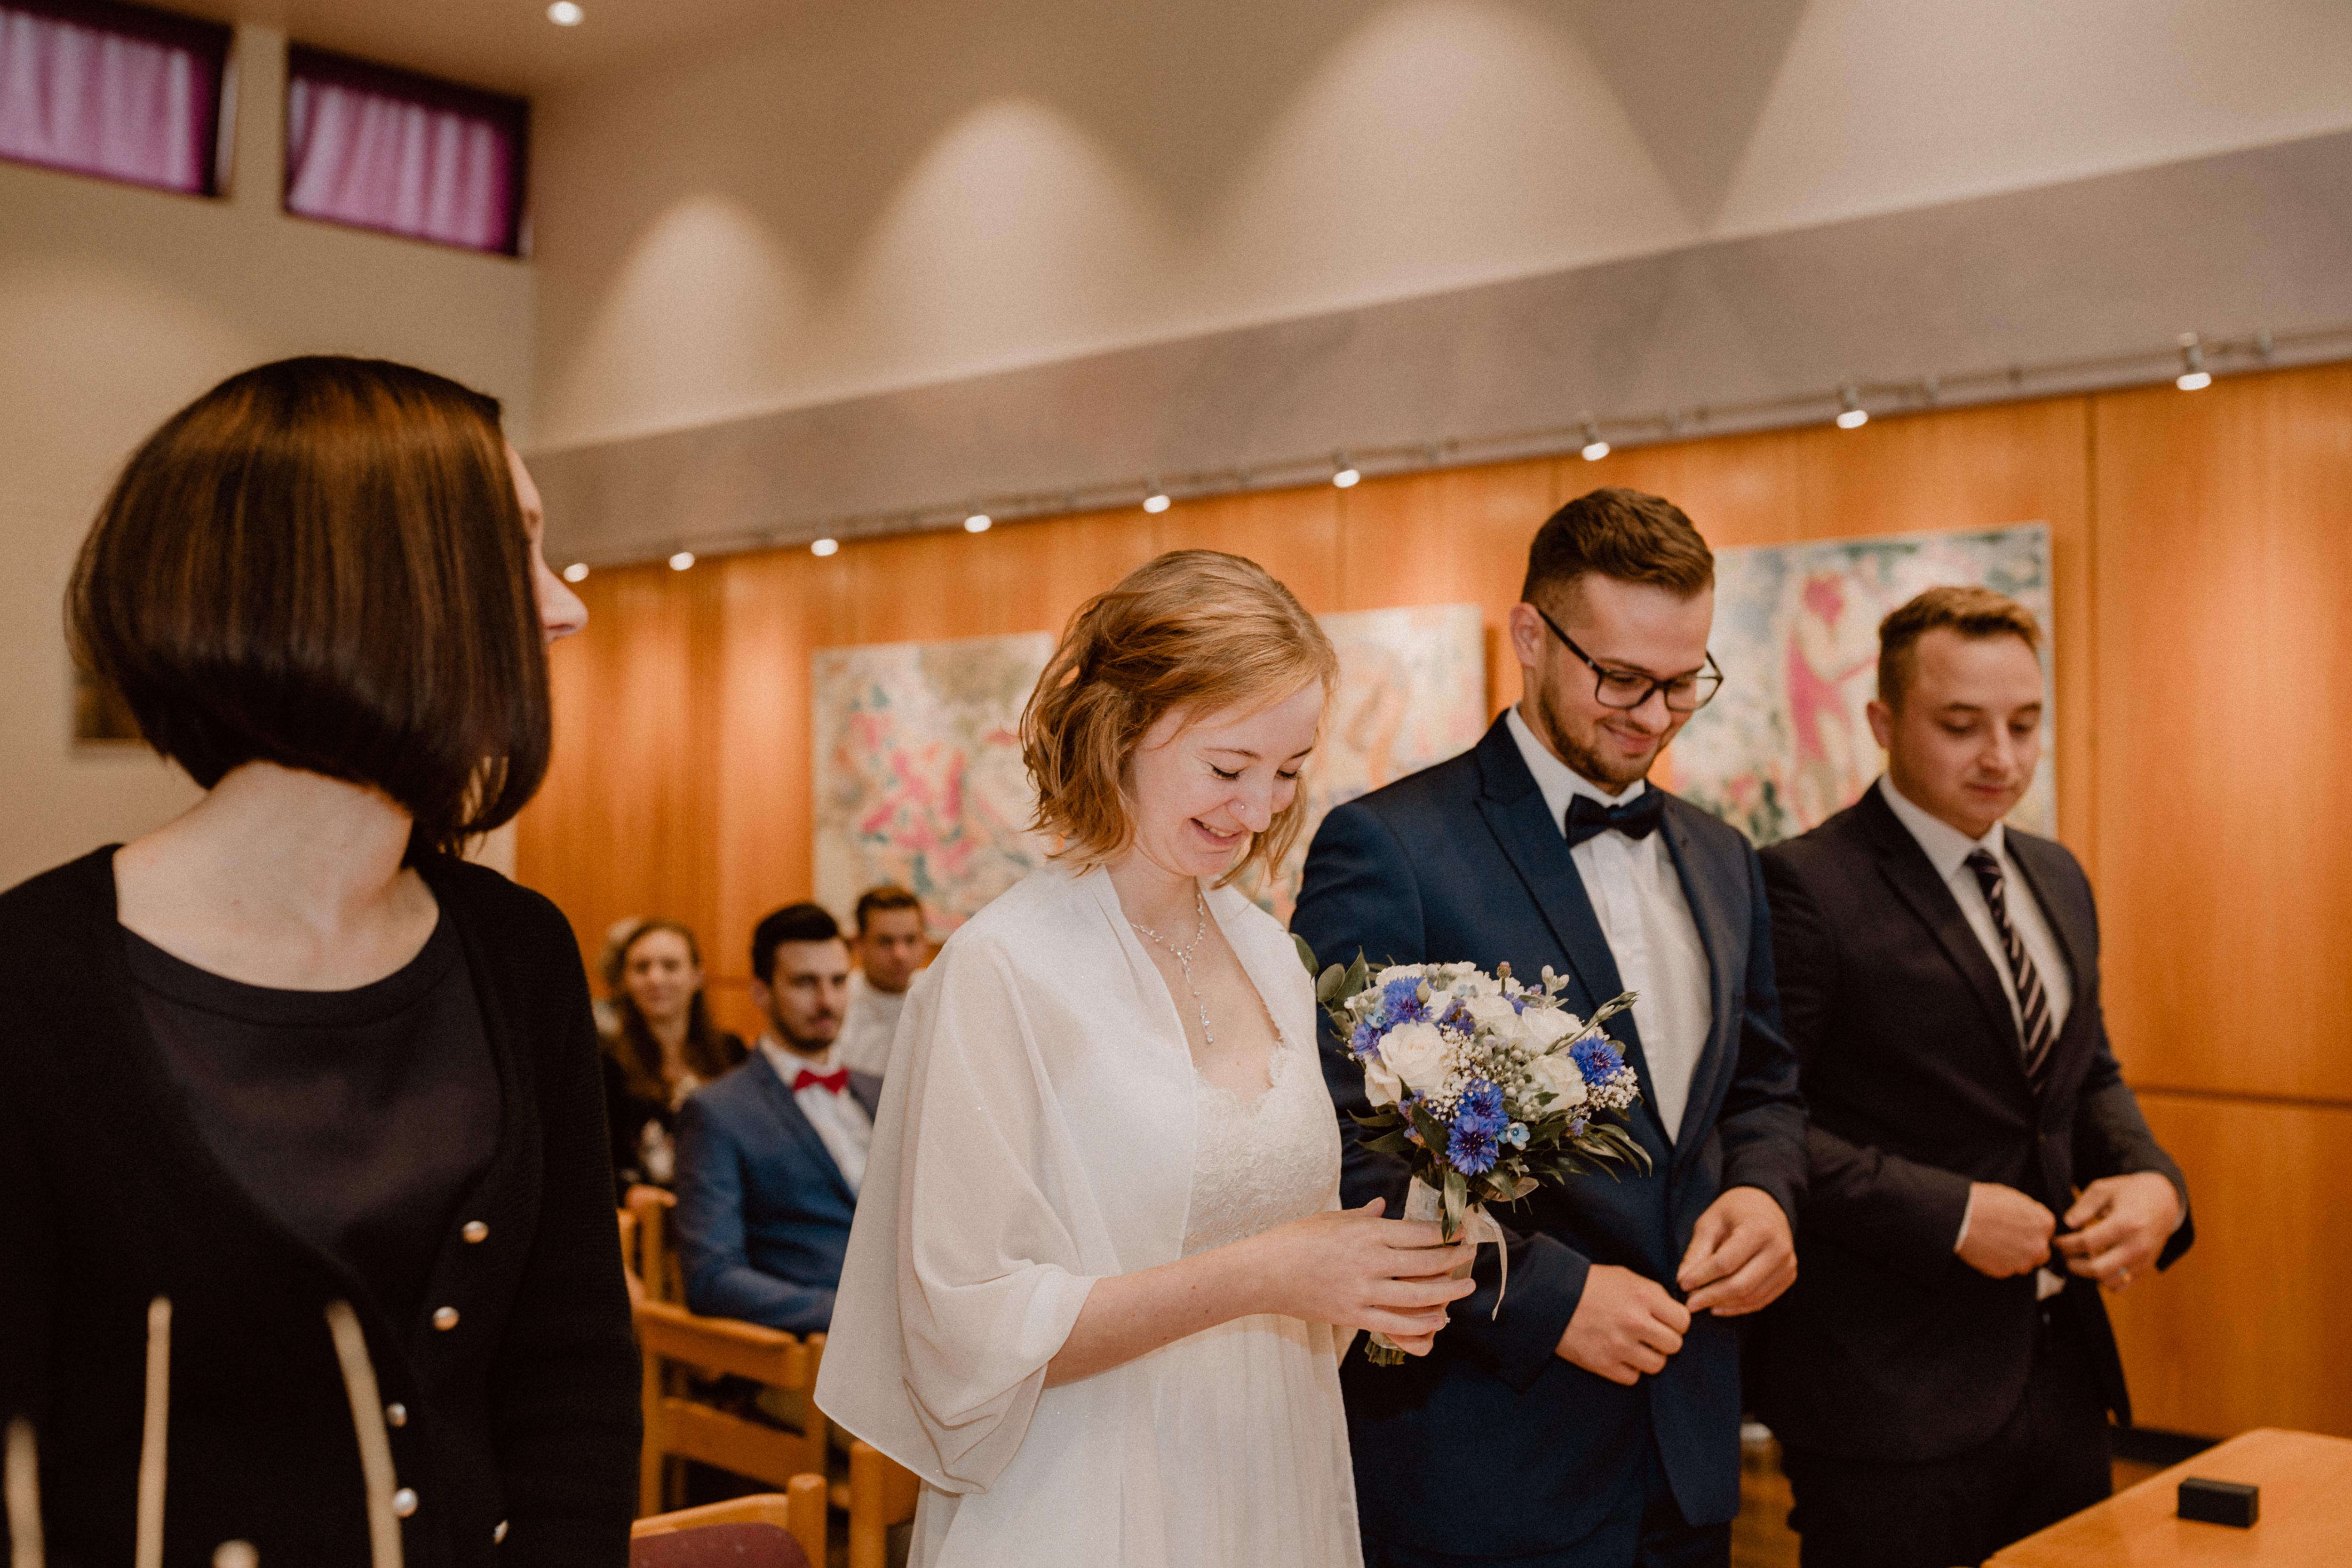 URBANERIE_Daniela_Goth_Hochzeitsfotografin_Nürnberg_Fürth_Erlangen_Schwabach_17907_0070